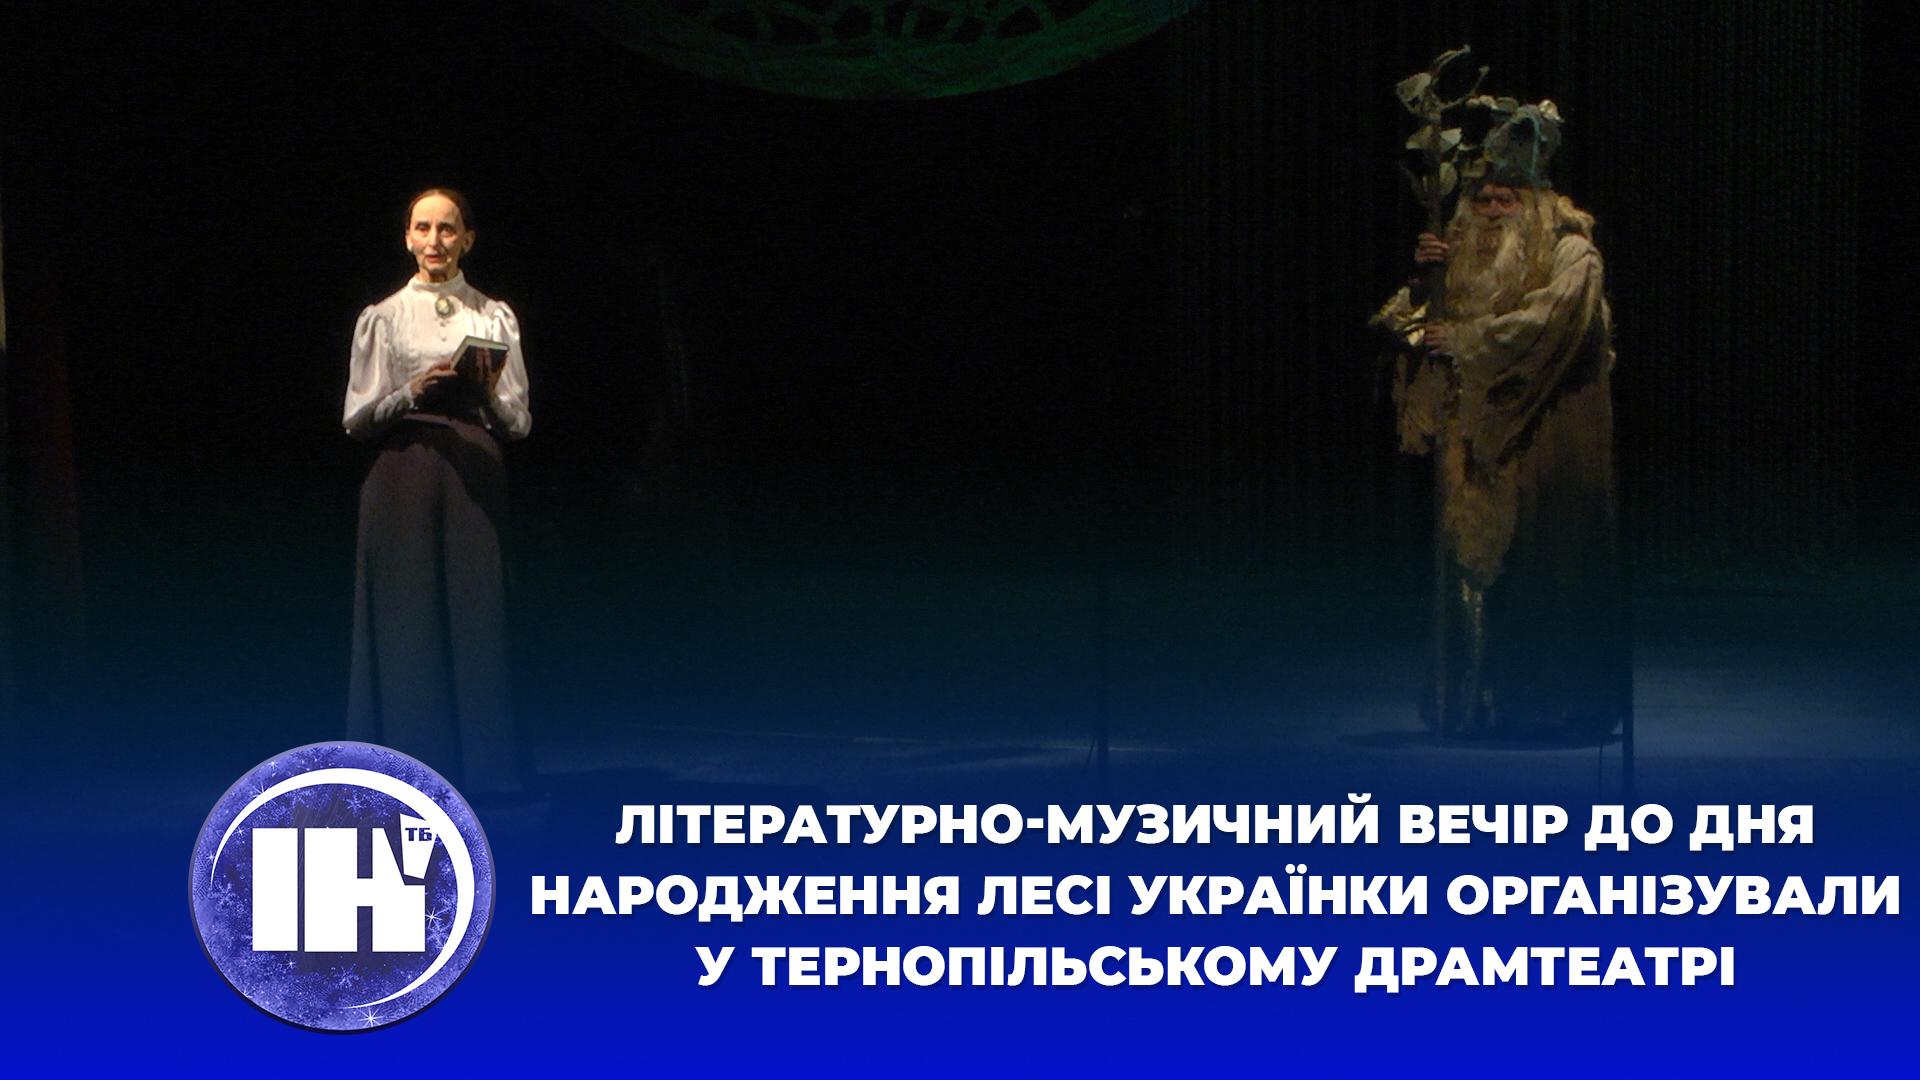 Літературно-музичний вечір до дня народження Лесі Українки організували у тернопільському драмтеатрі